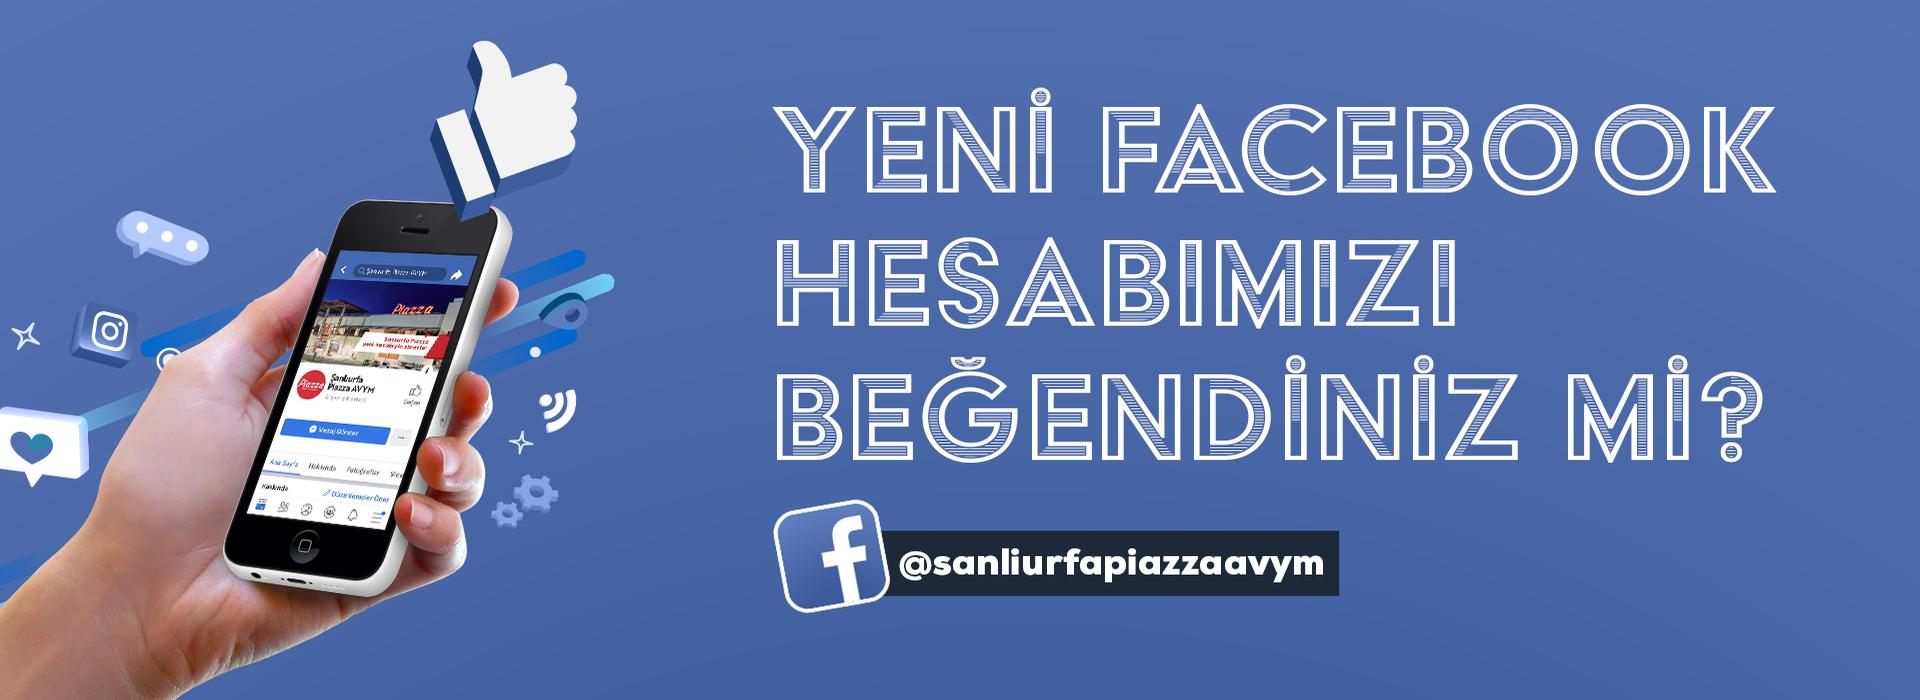 Yeni Facebook Hesabımızı Beğendiniz Mi?